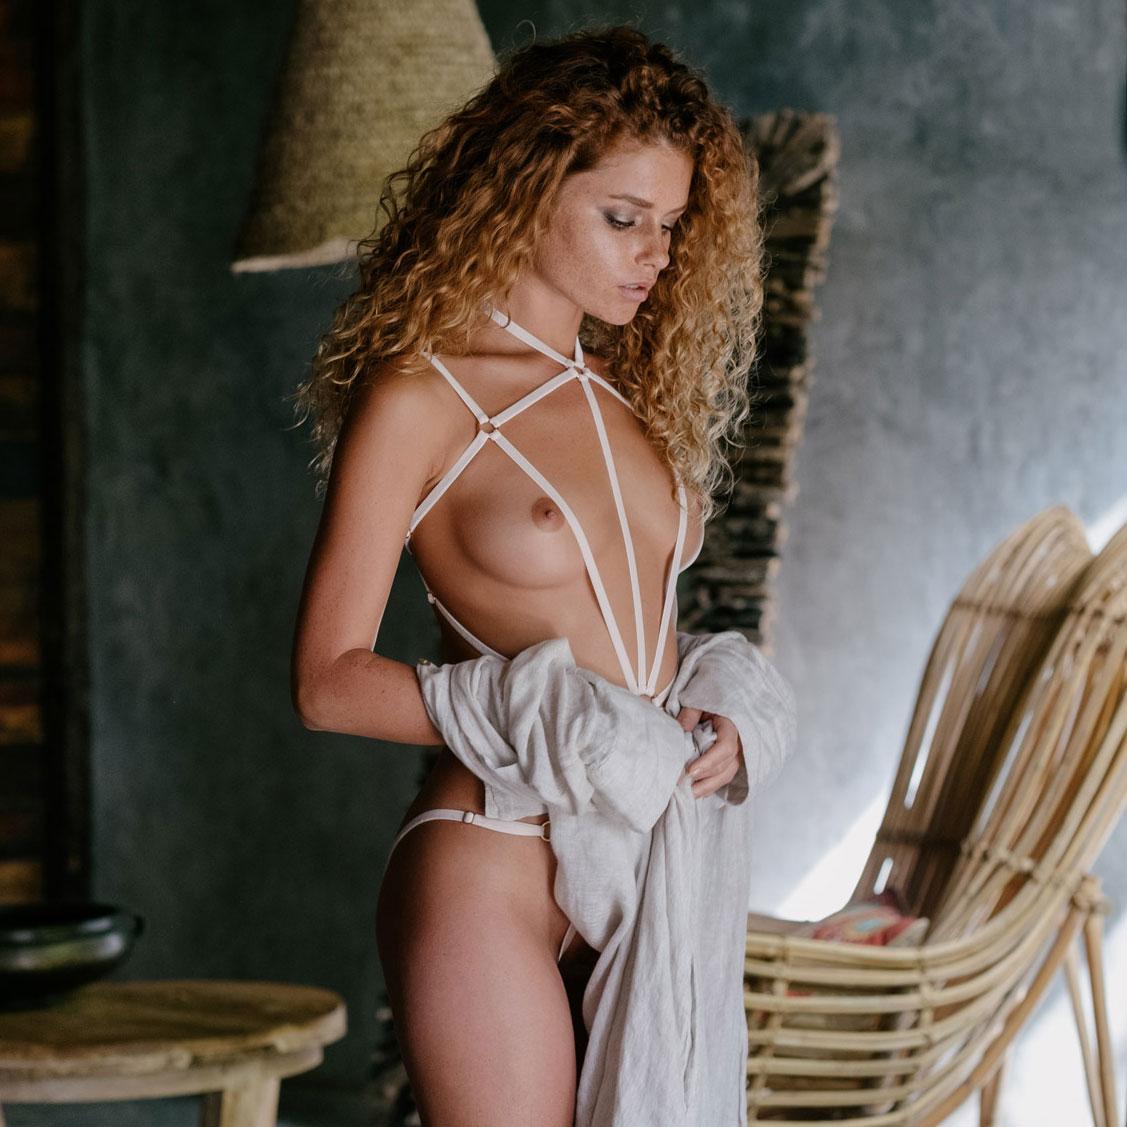 Юлия Ярошенко в сексуальном нижнем белье / фото 13